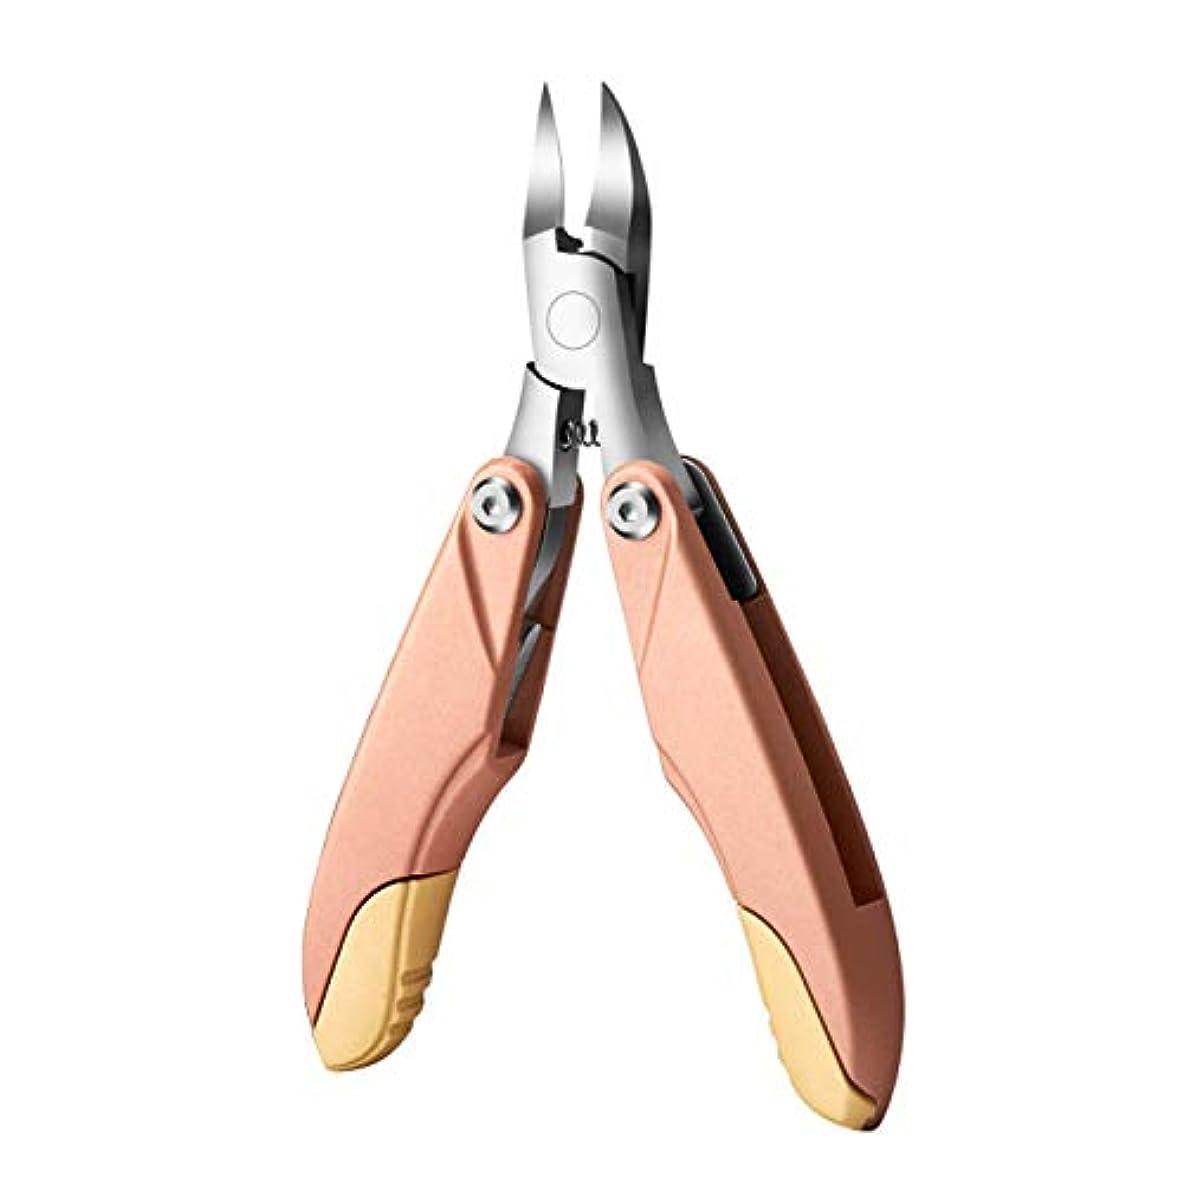 懐疑論光景本能爪切り ニッパー型 厚い爪、巻き爪、変形爪、陥入爪、甘皮、硬い爪 、深爪 、爪周炎 、爪白癬適しています 高度な折り畳み爪切り